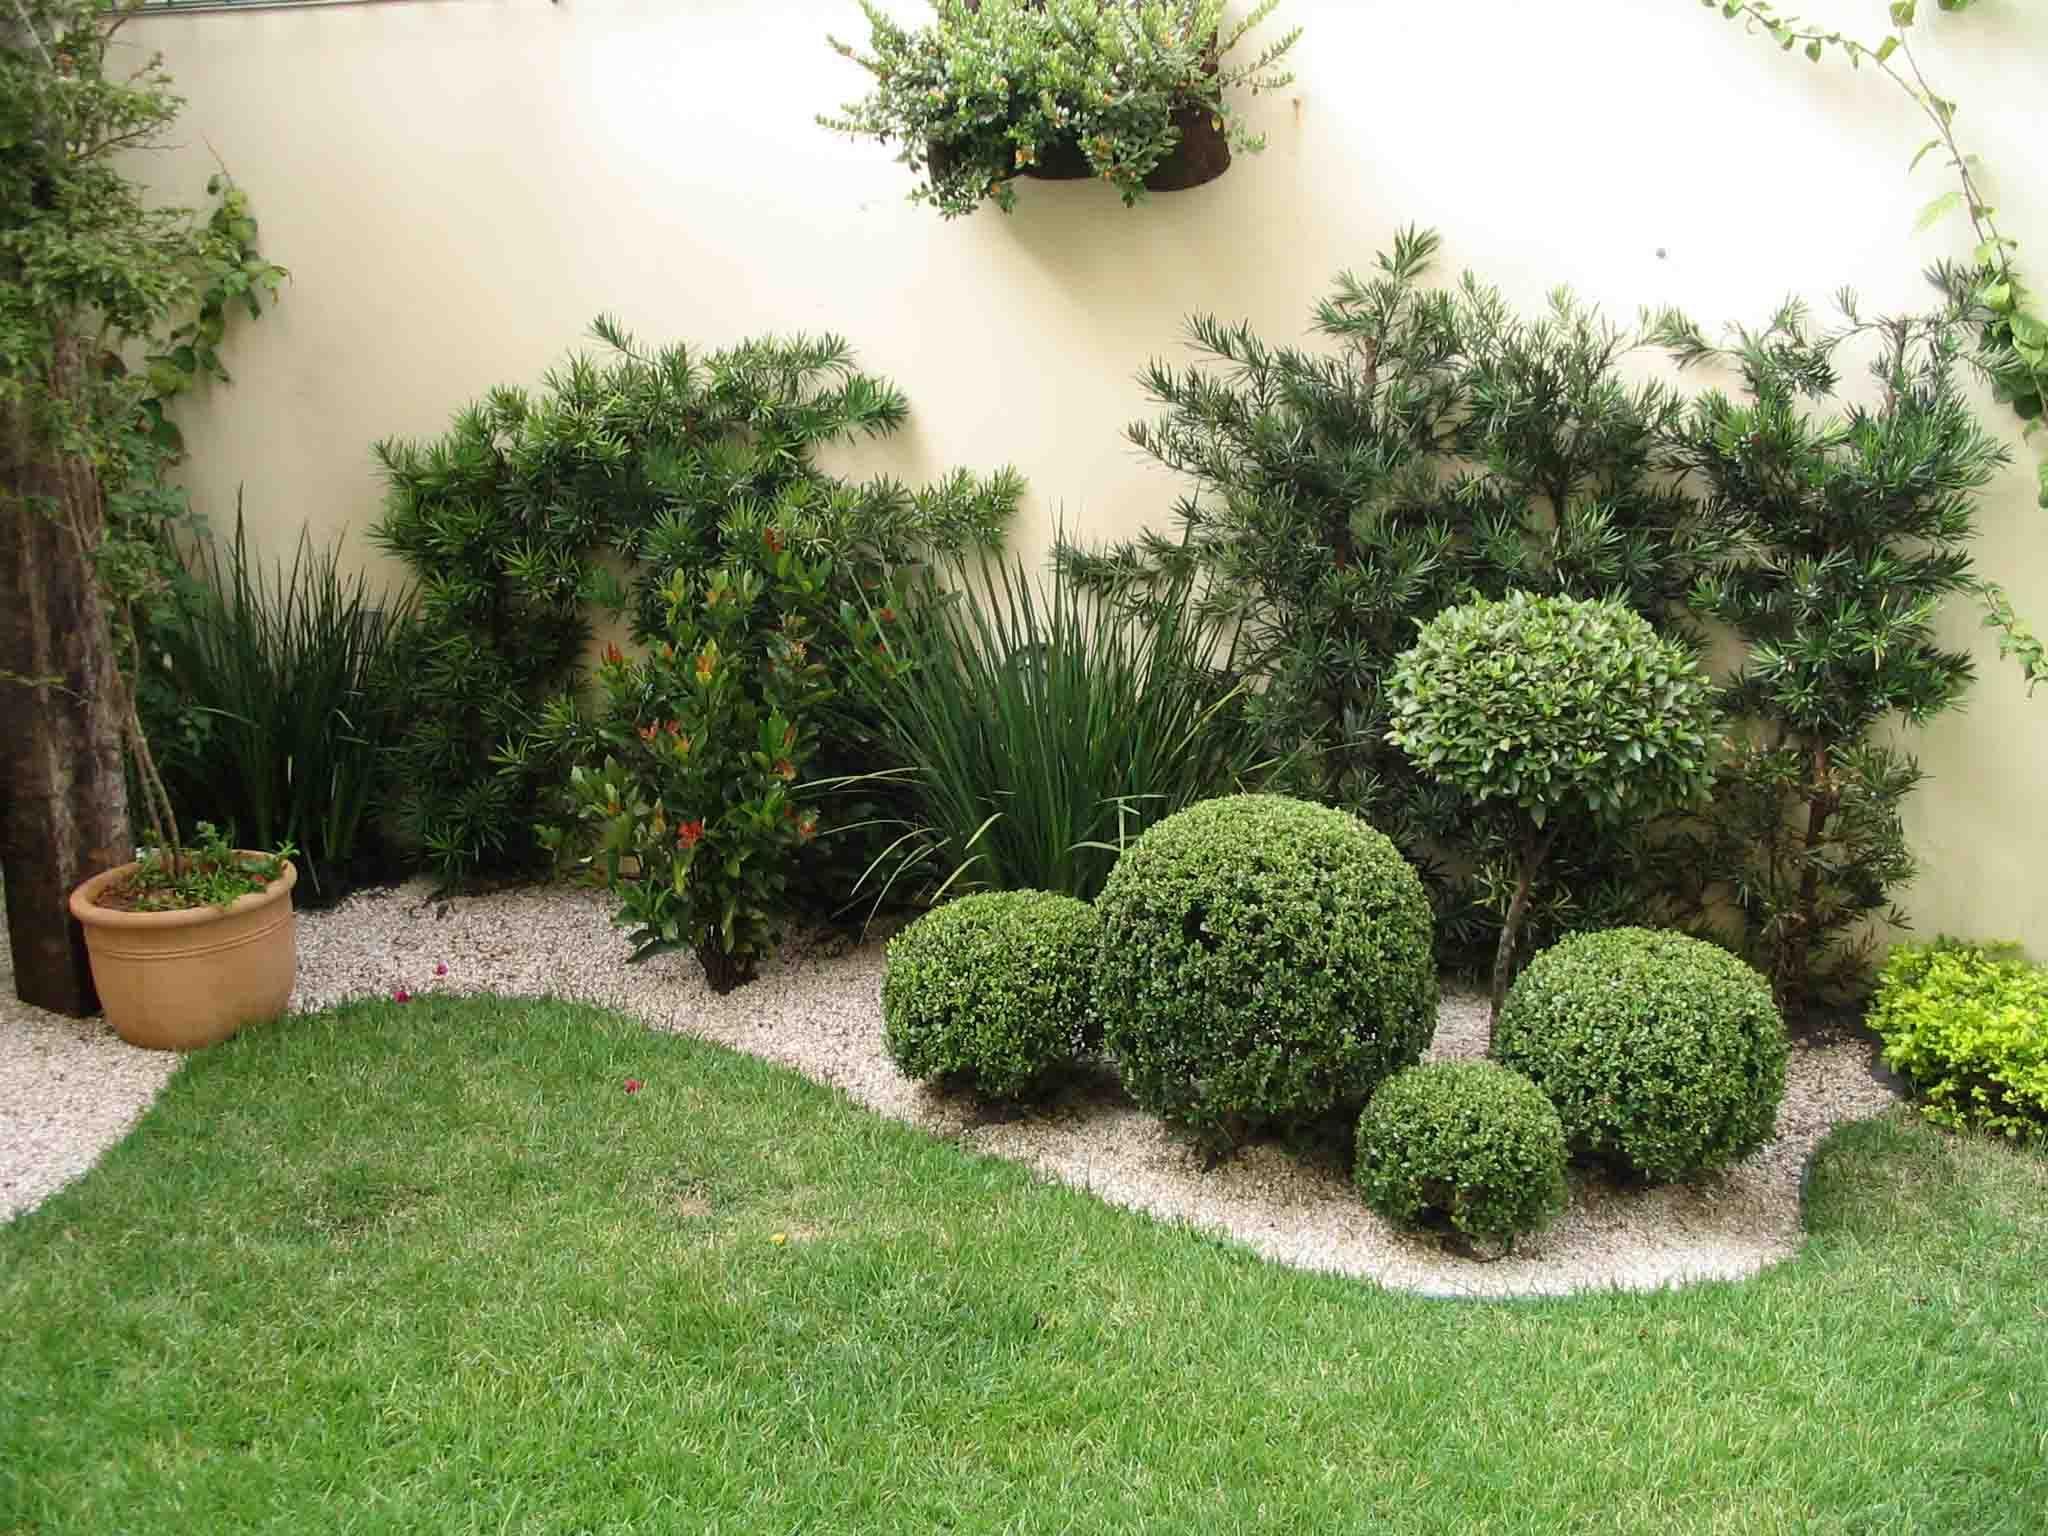 Como fazer um jardim simples e barato no quintal Como fazer um jardim, Pesquisa de imagens e